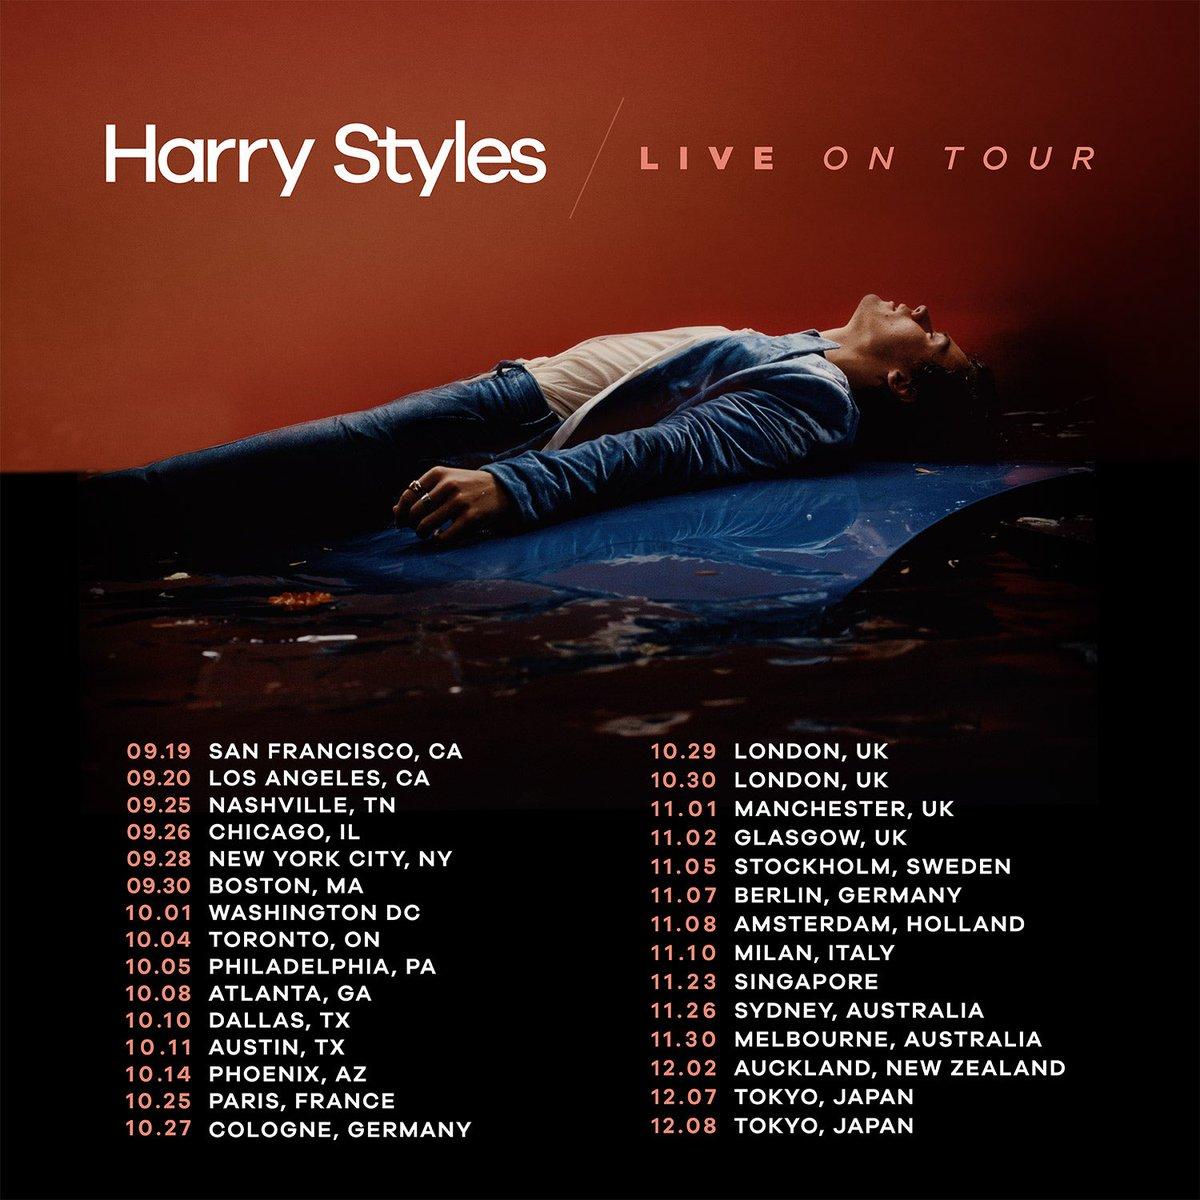 Concert Tour: Harry Styles Announces World Tour